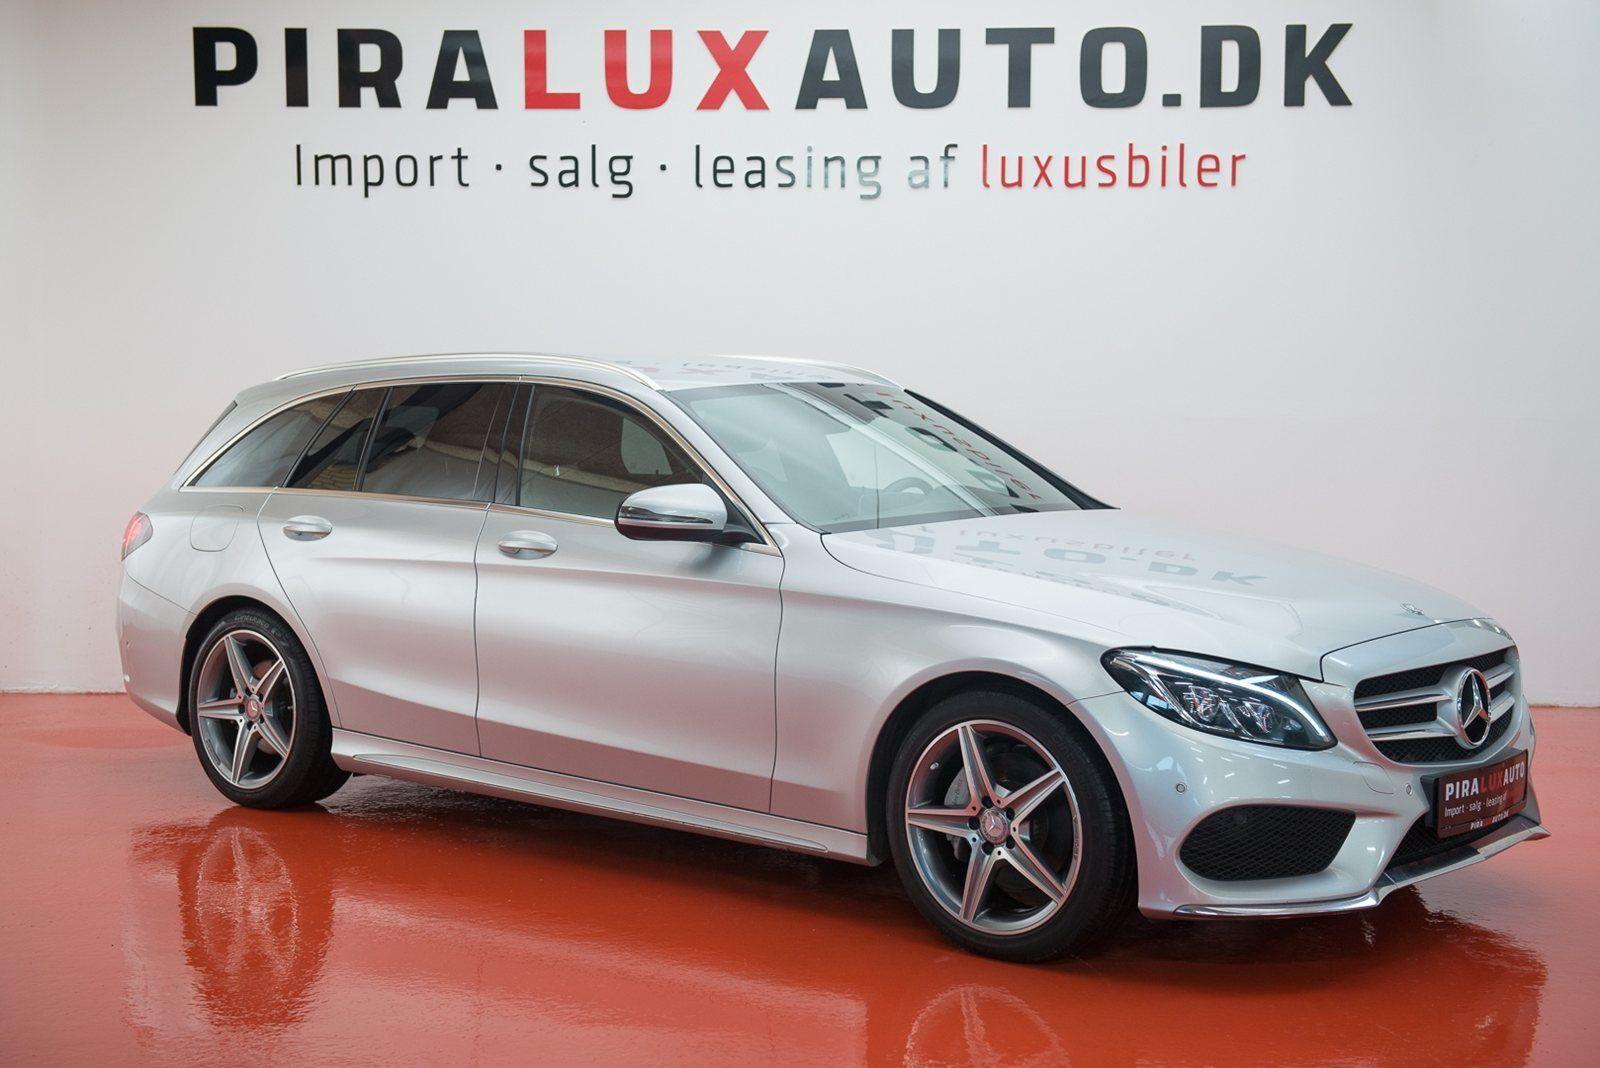 Mercedes C220 2,2 BlueTEC AMG Line stc. aut. 5d - 359.900 kr.